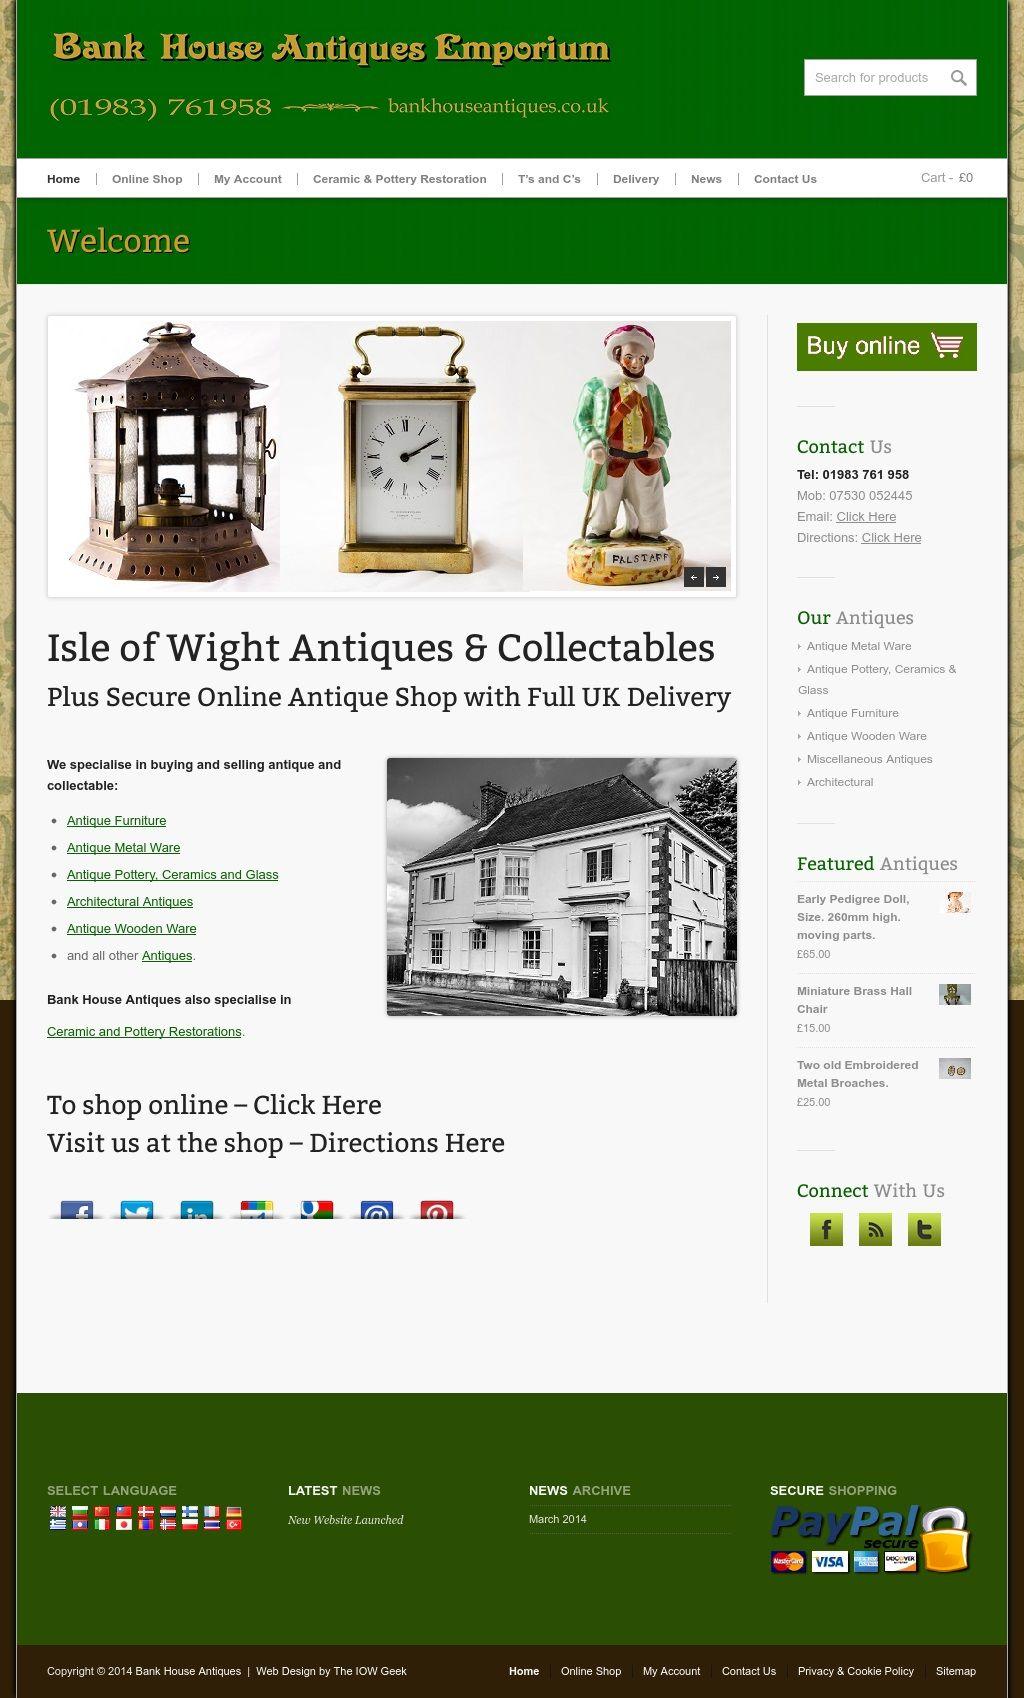 Bank House Antiques Emporium http://www.bankhouseantiques.co.uk/